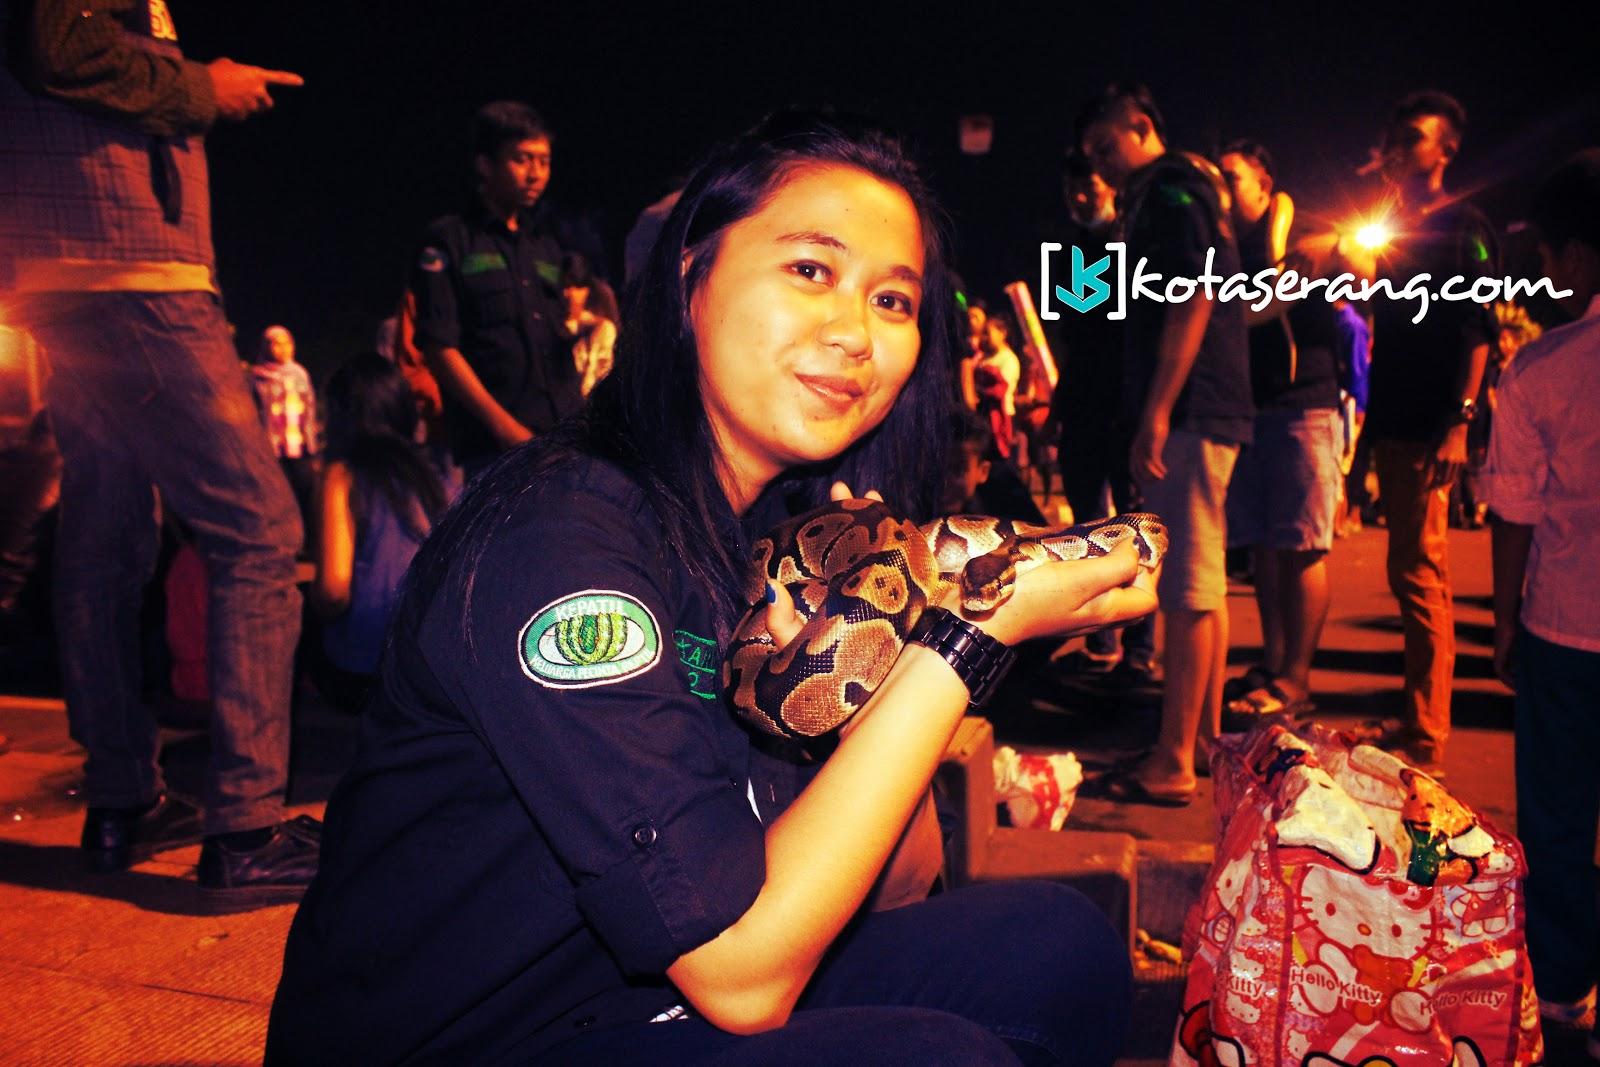 Salah Satu Wanita Anggota KEPATIL (Keluarga Pecinta Reptil) - KotaSerang.Com